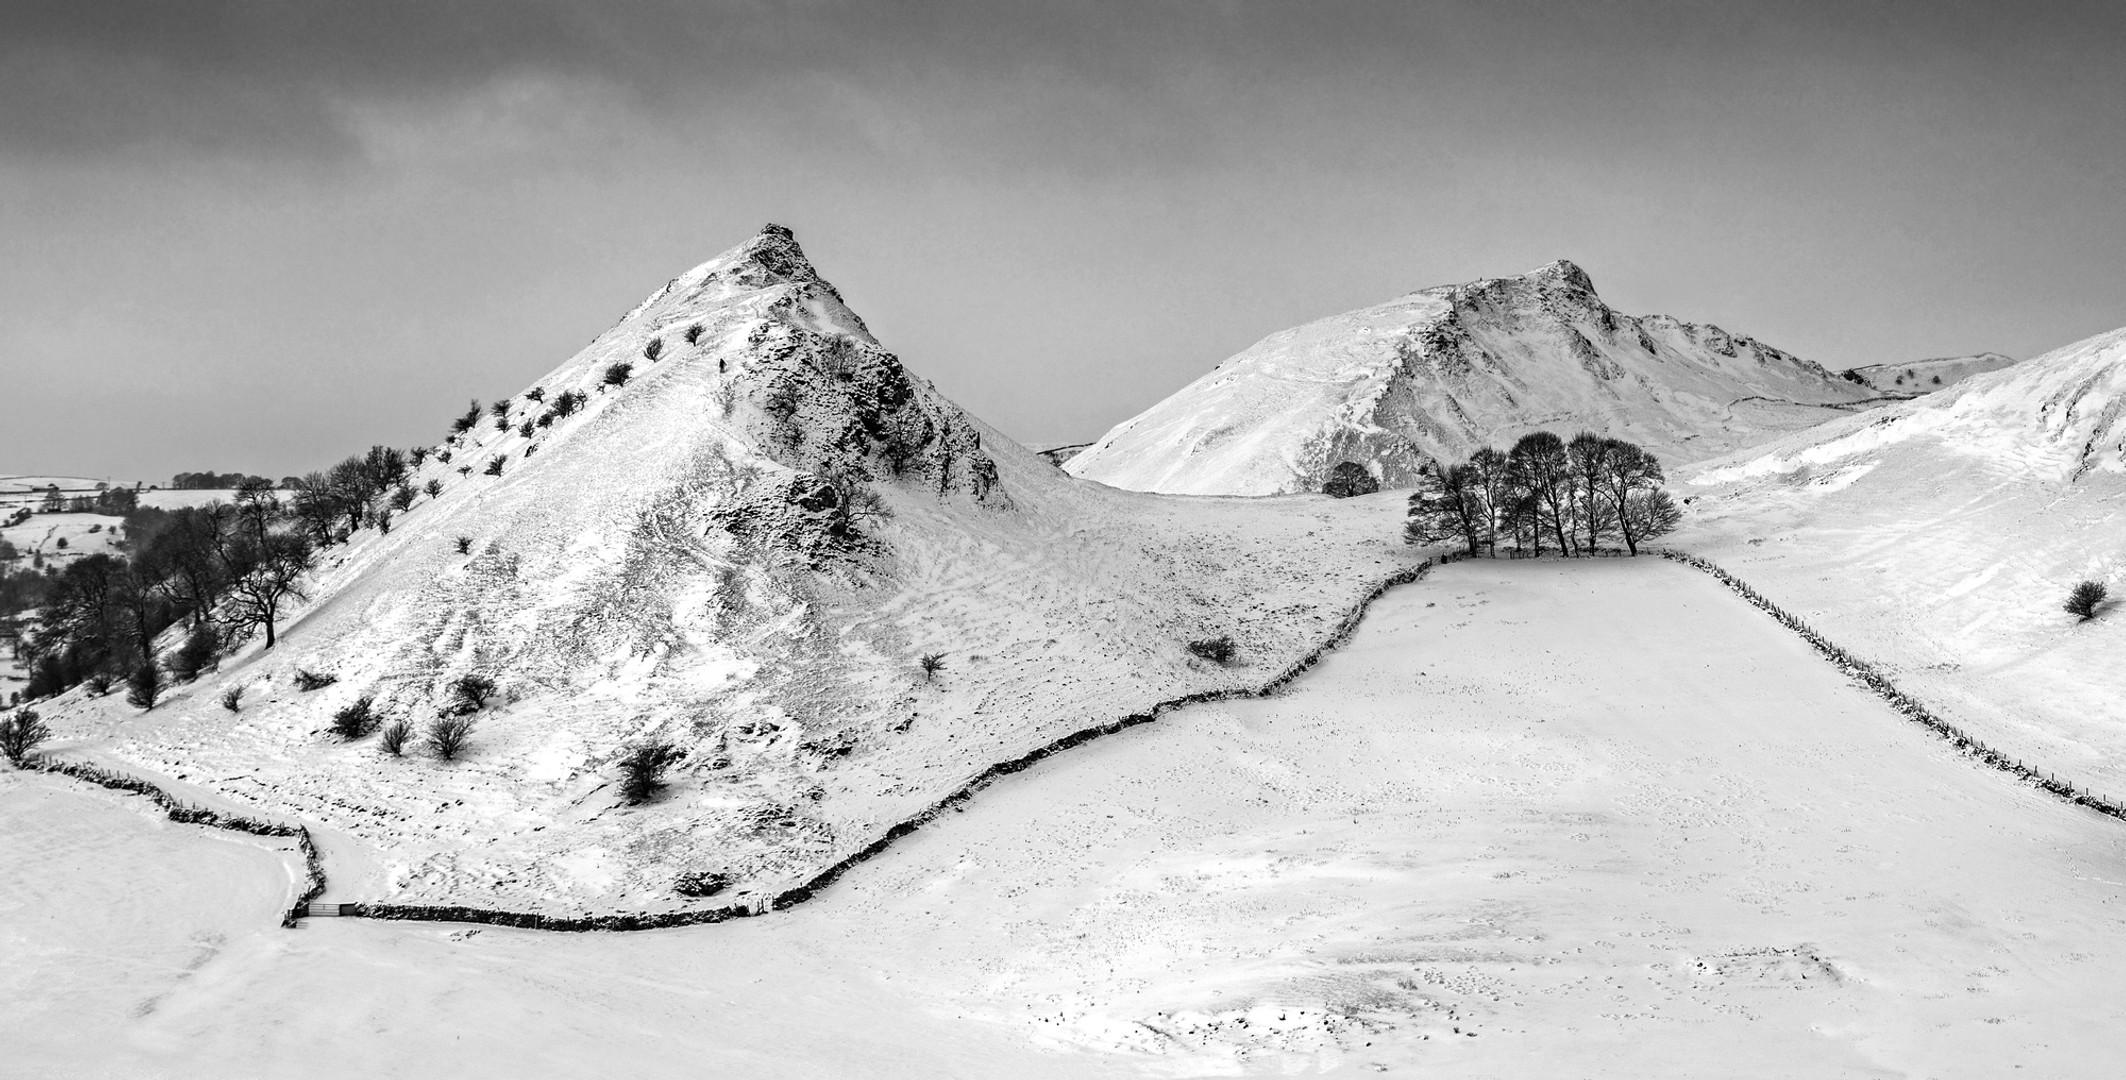 Winter Peaks